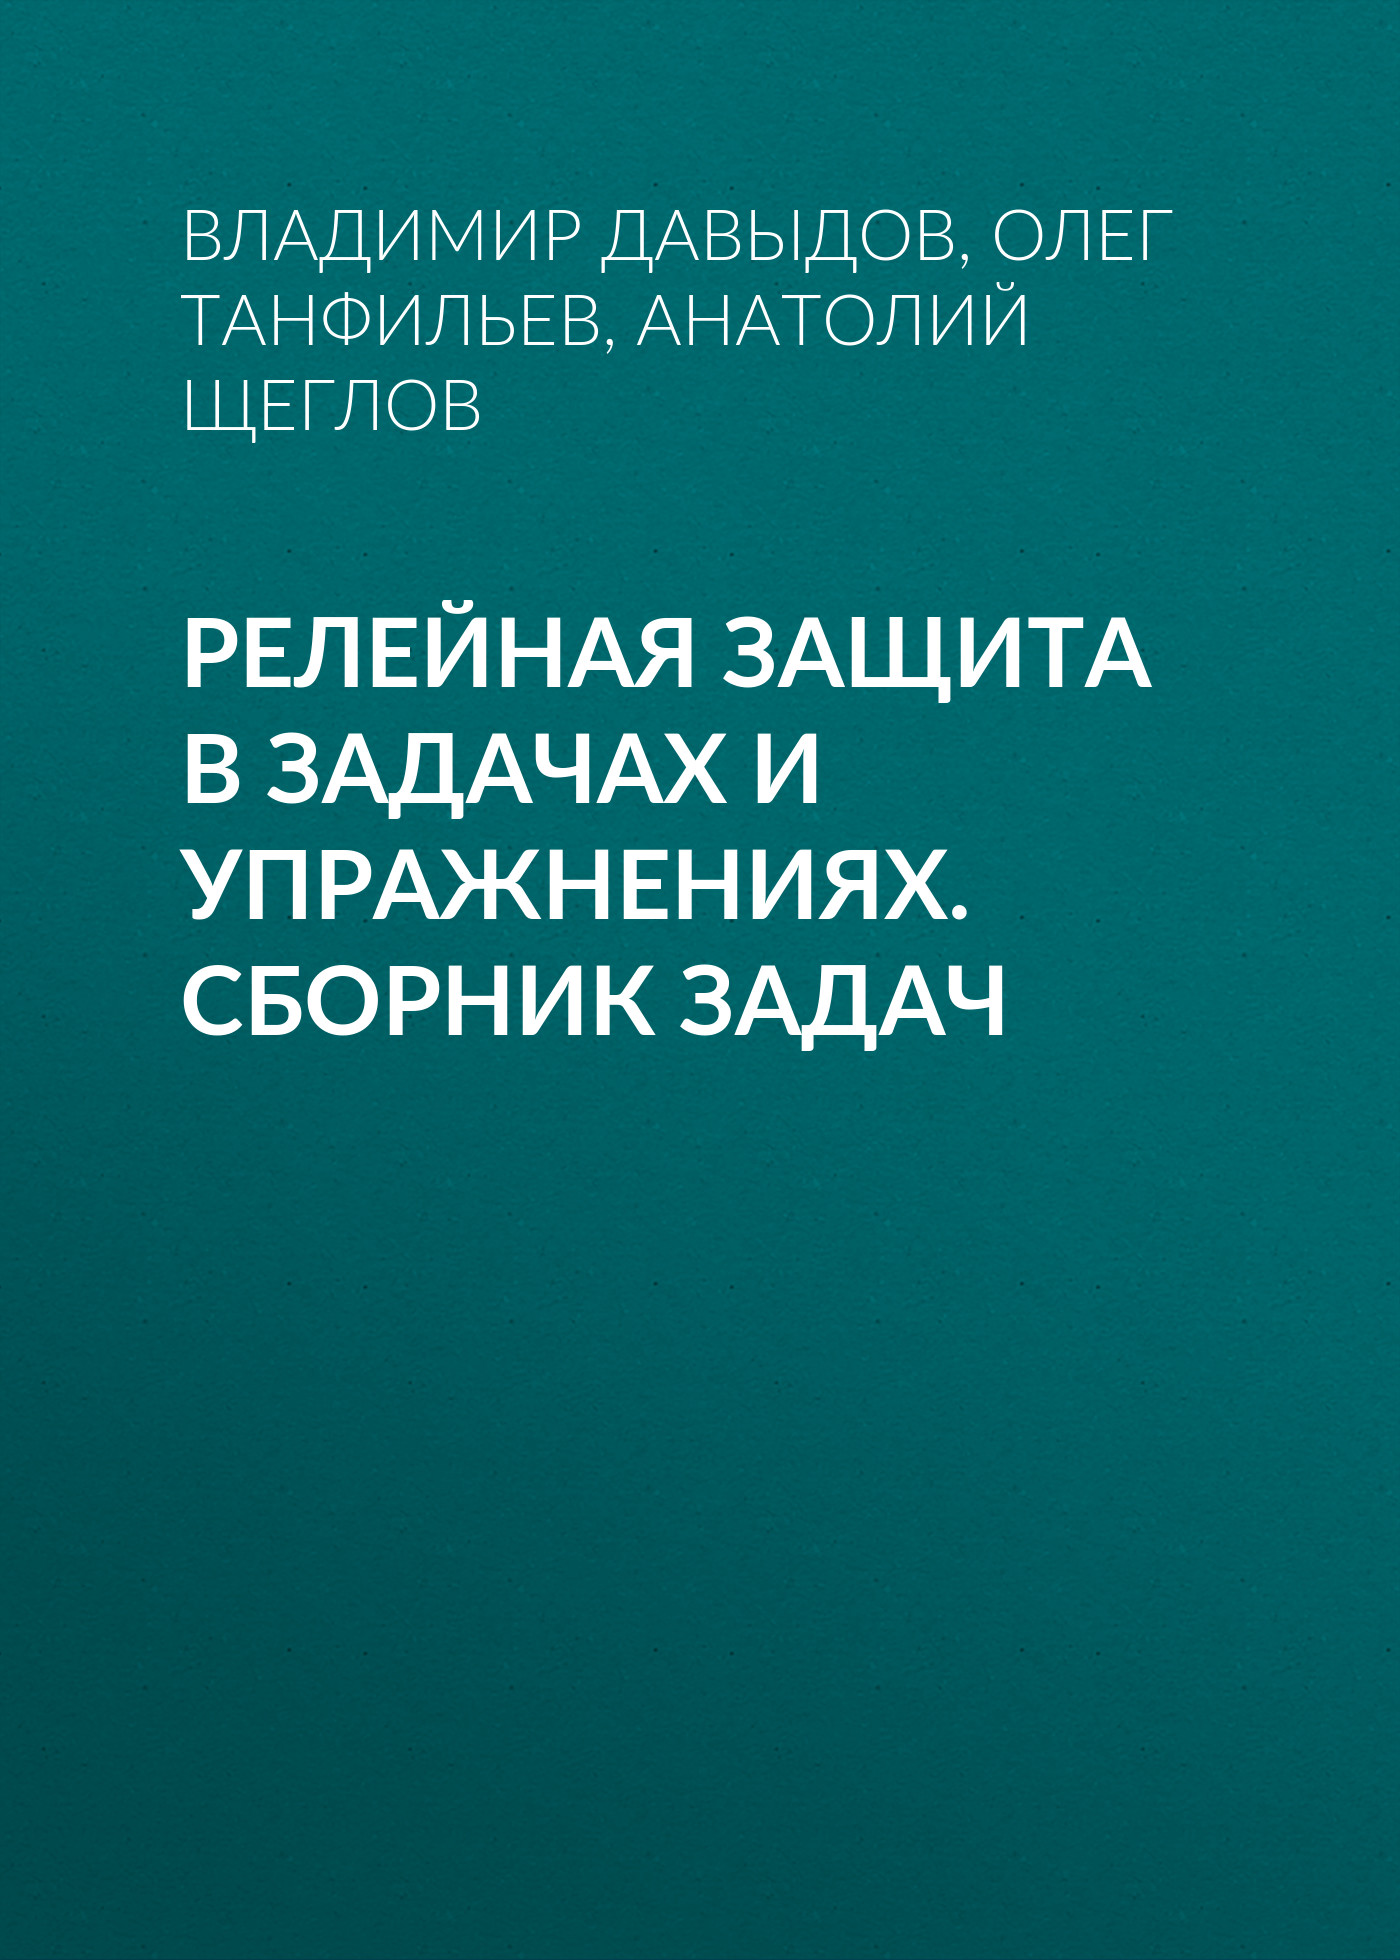 Анатолий Щеглов Релейная защита в задачах и упражнениях. Сборник задач елена хоменко научная работа магистрантов